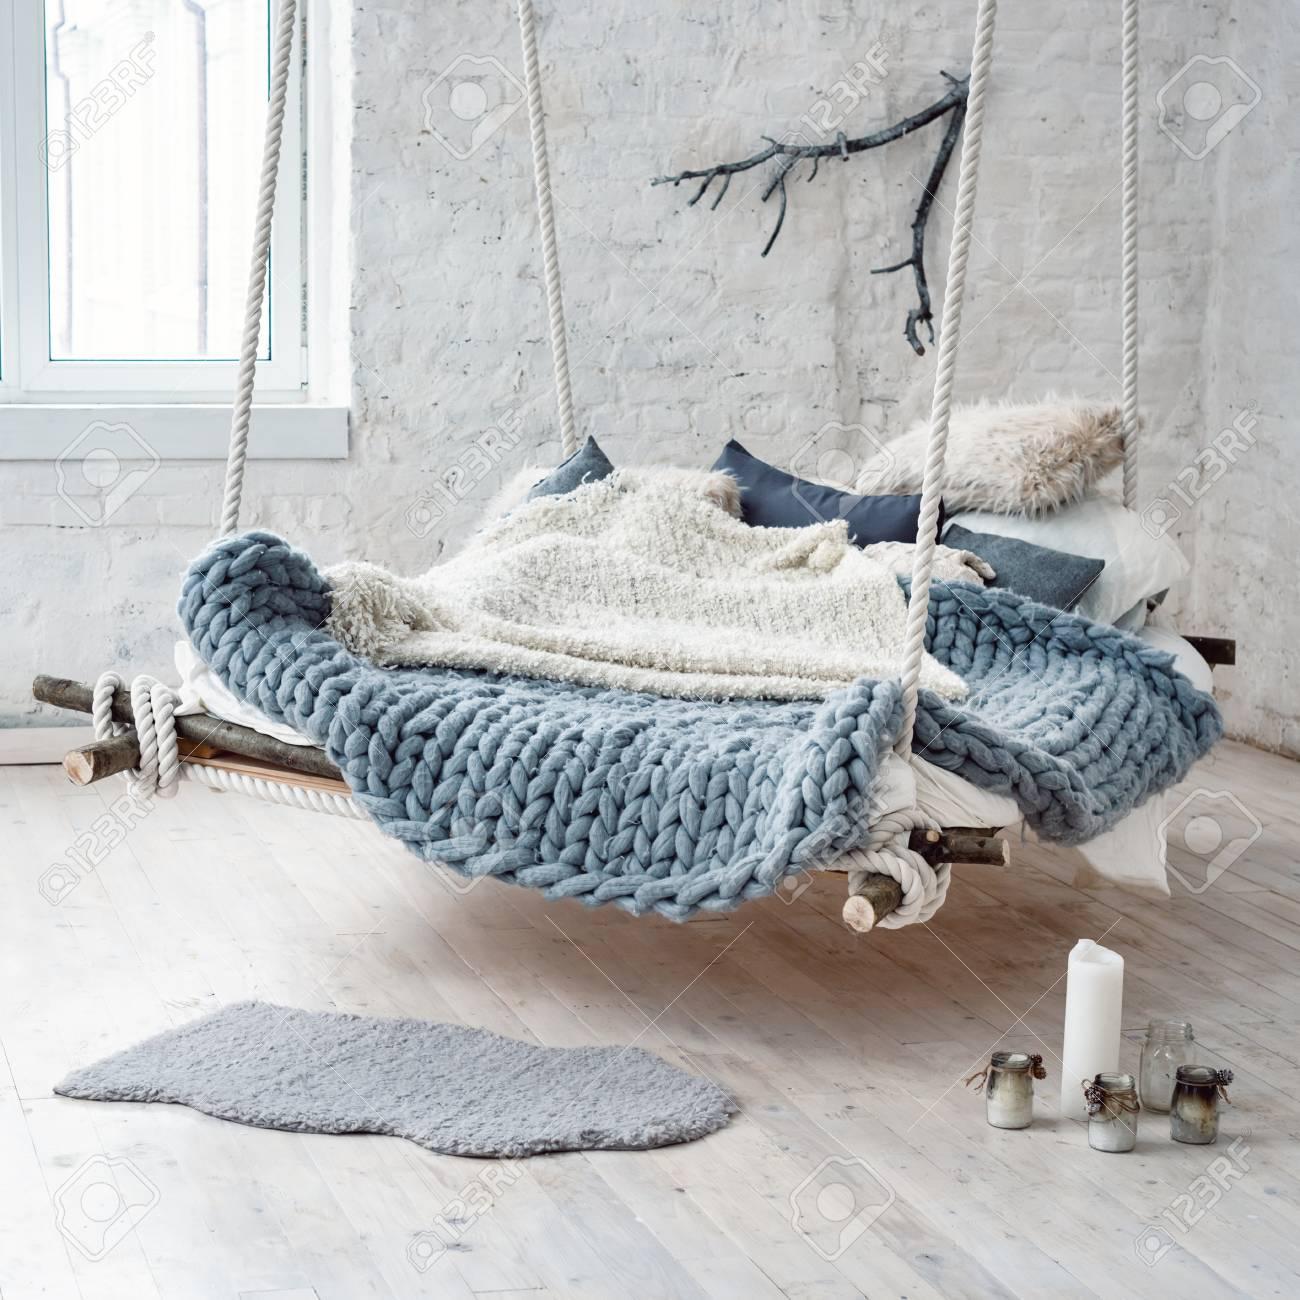 Altillo Interior Blanca En Estilo Escandinavo Clásico. Colgando Cama ...